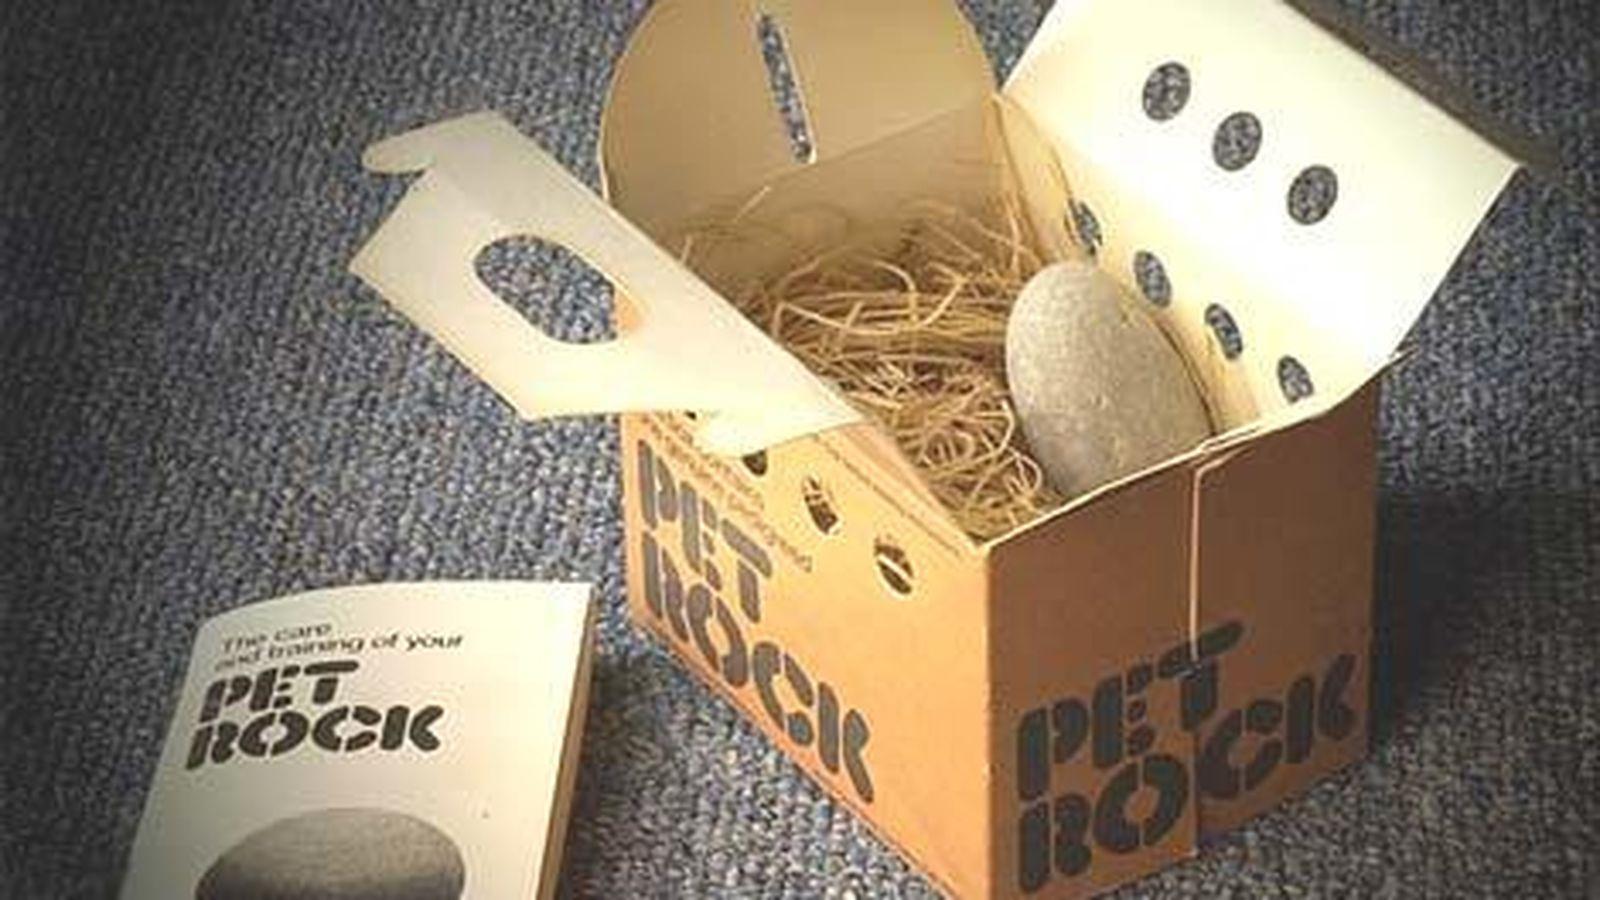 Foto: Las piedras-mascota se reciben en una caja con libro de instrucciones